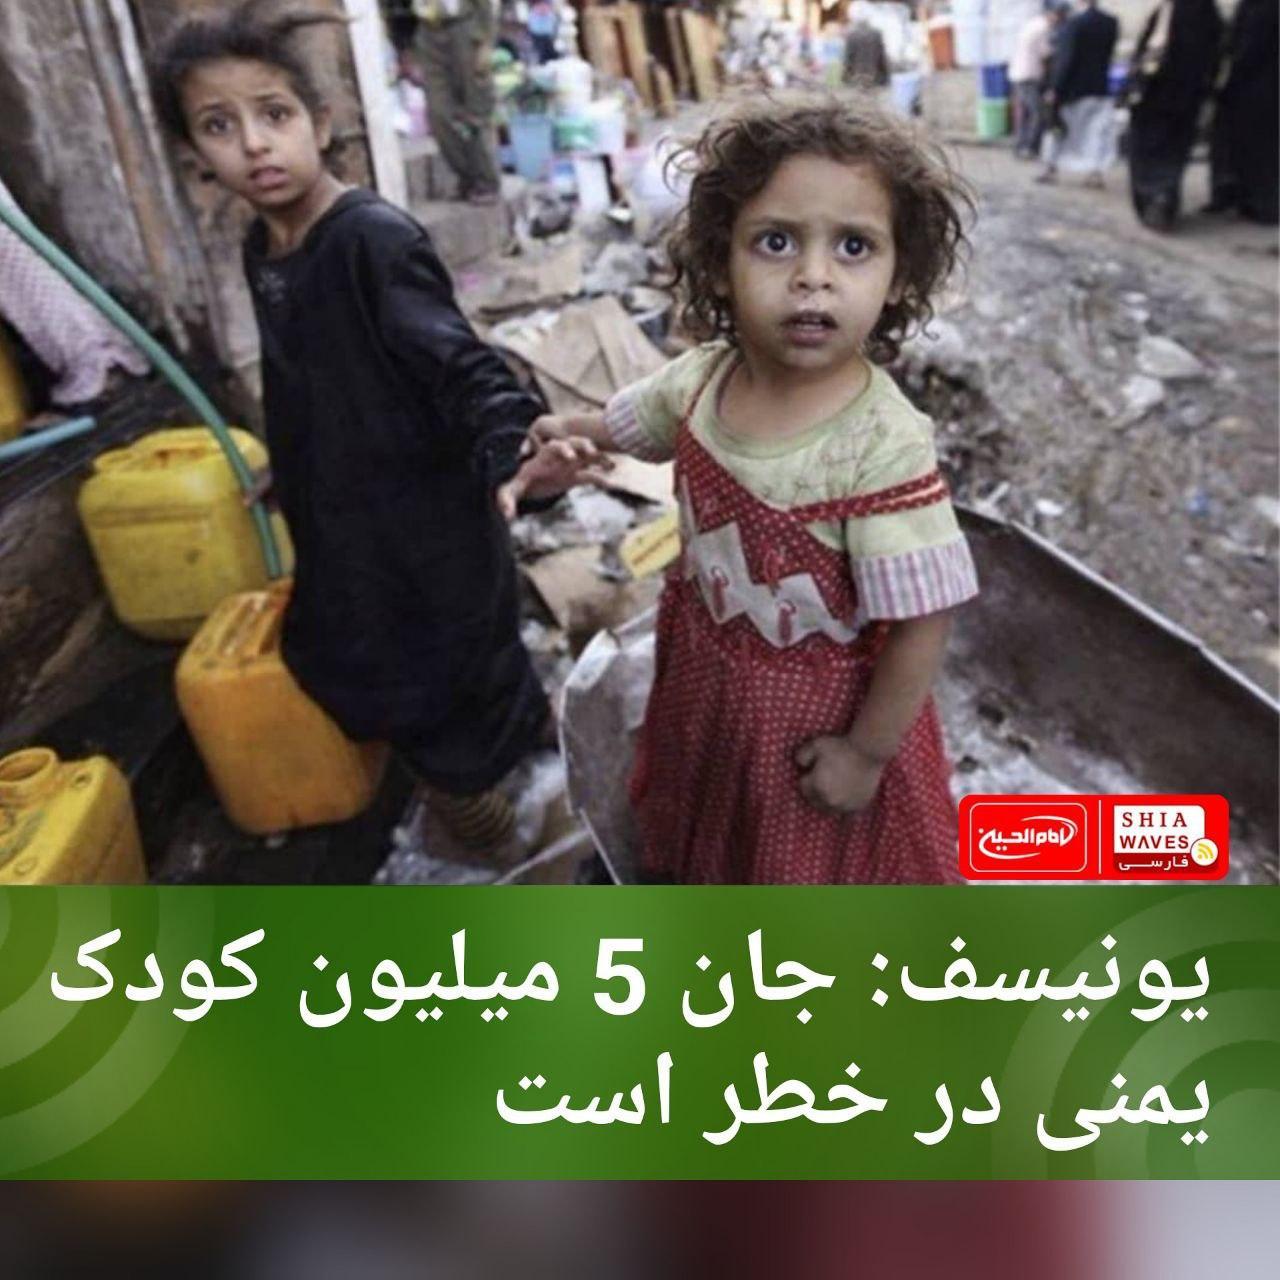 تصویر یونیسف: جان 5 میلیون کودک یمنی در خطر است